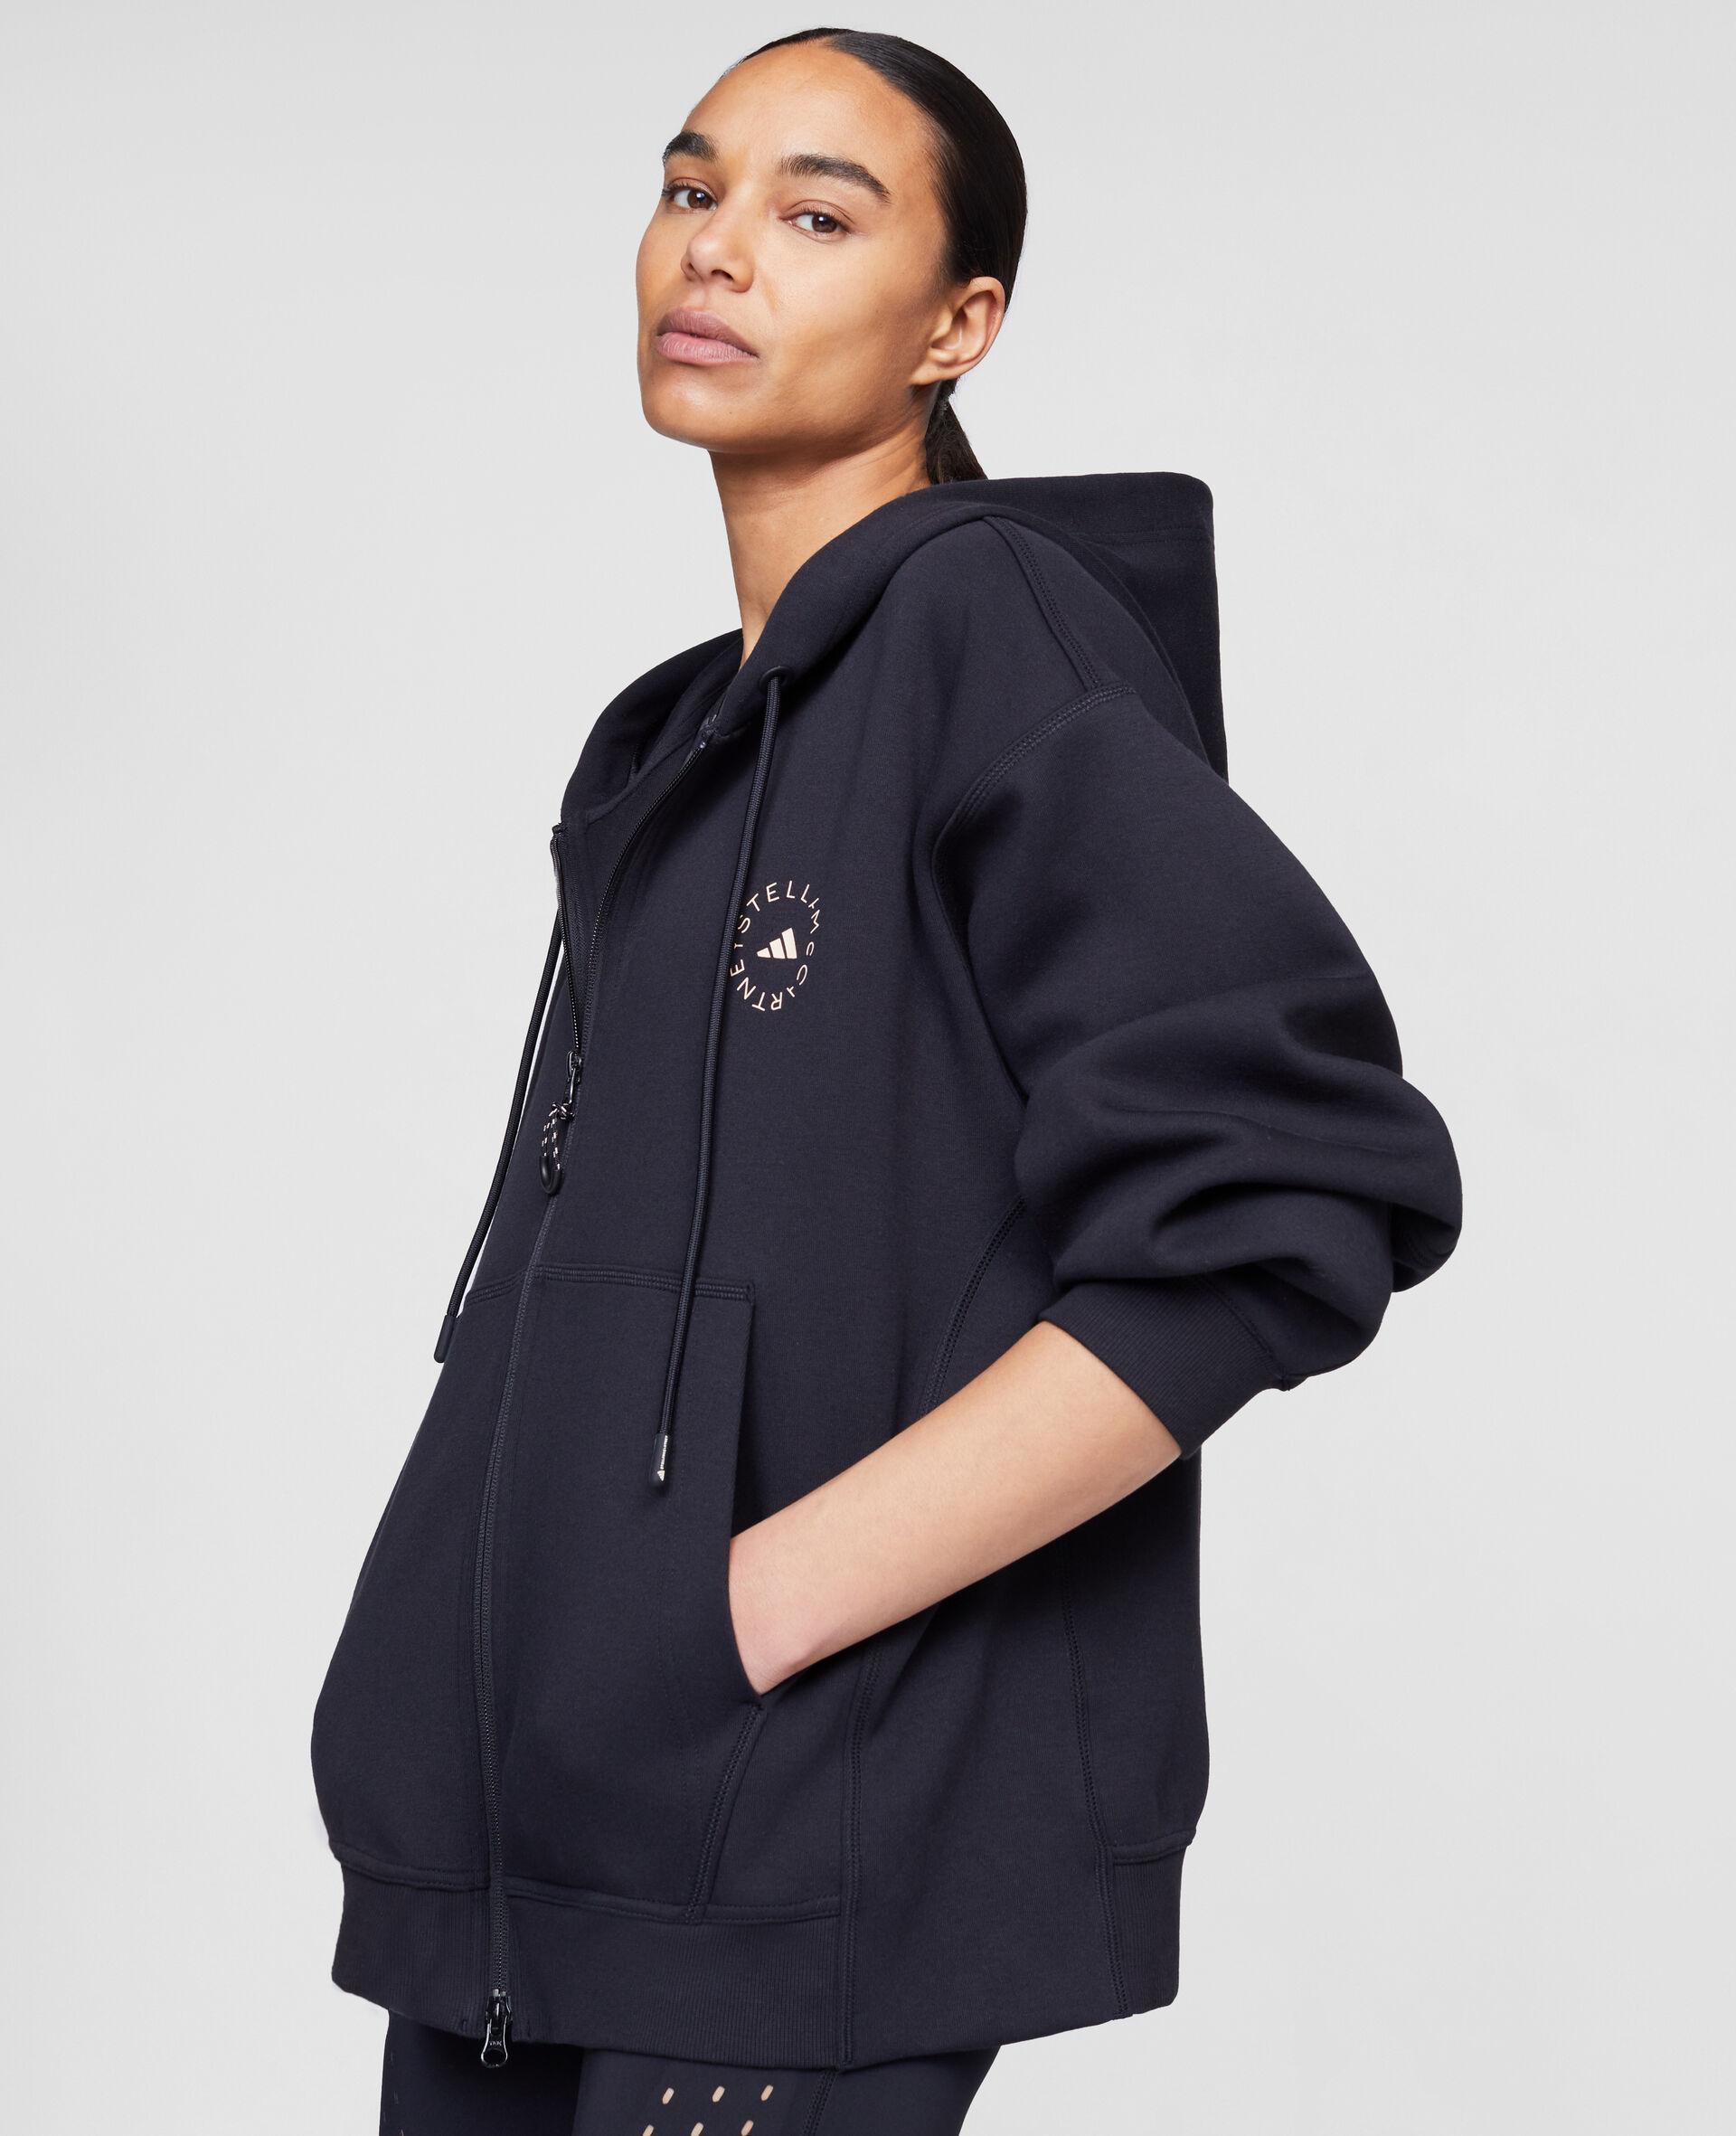 Black Full Zip Hoodie-Black-large image number 3